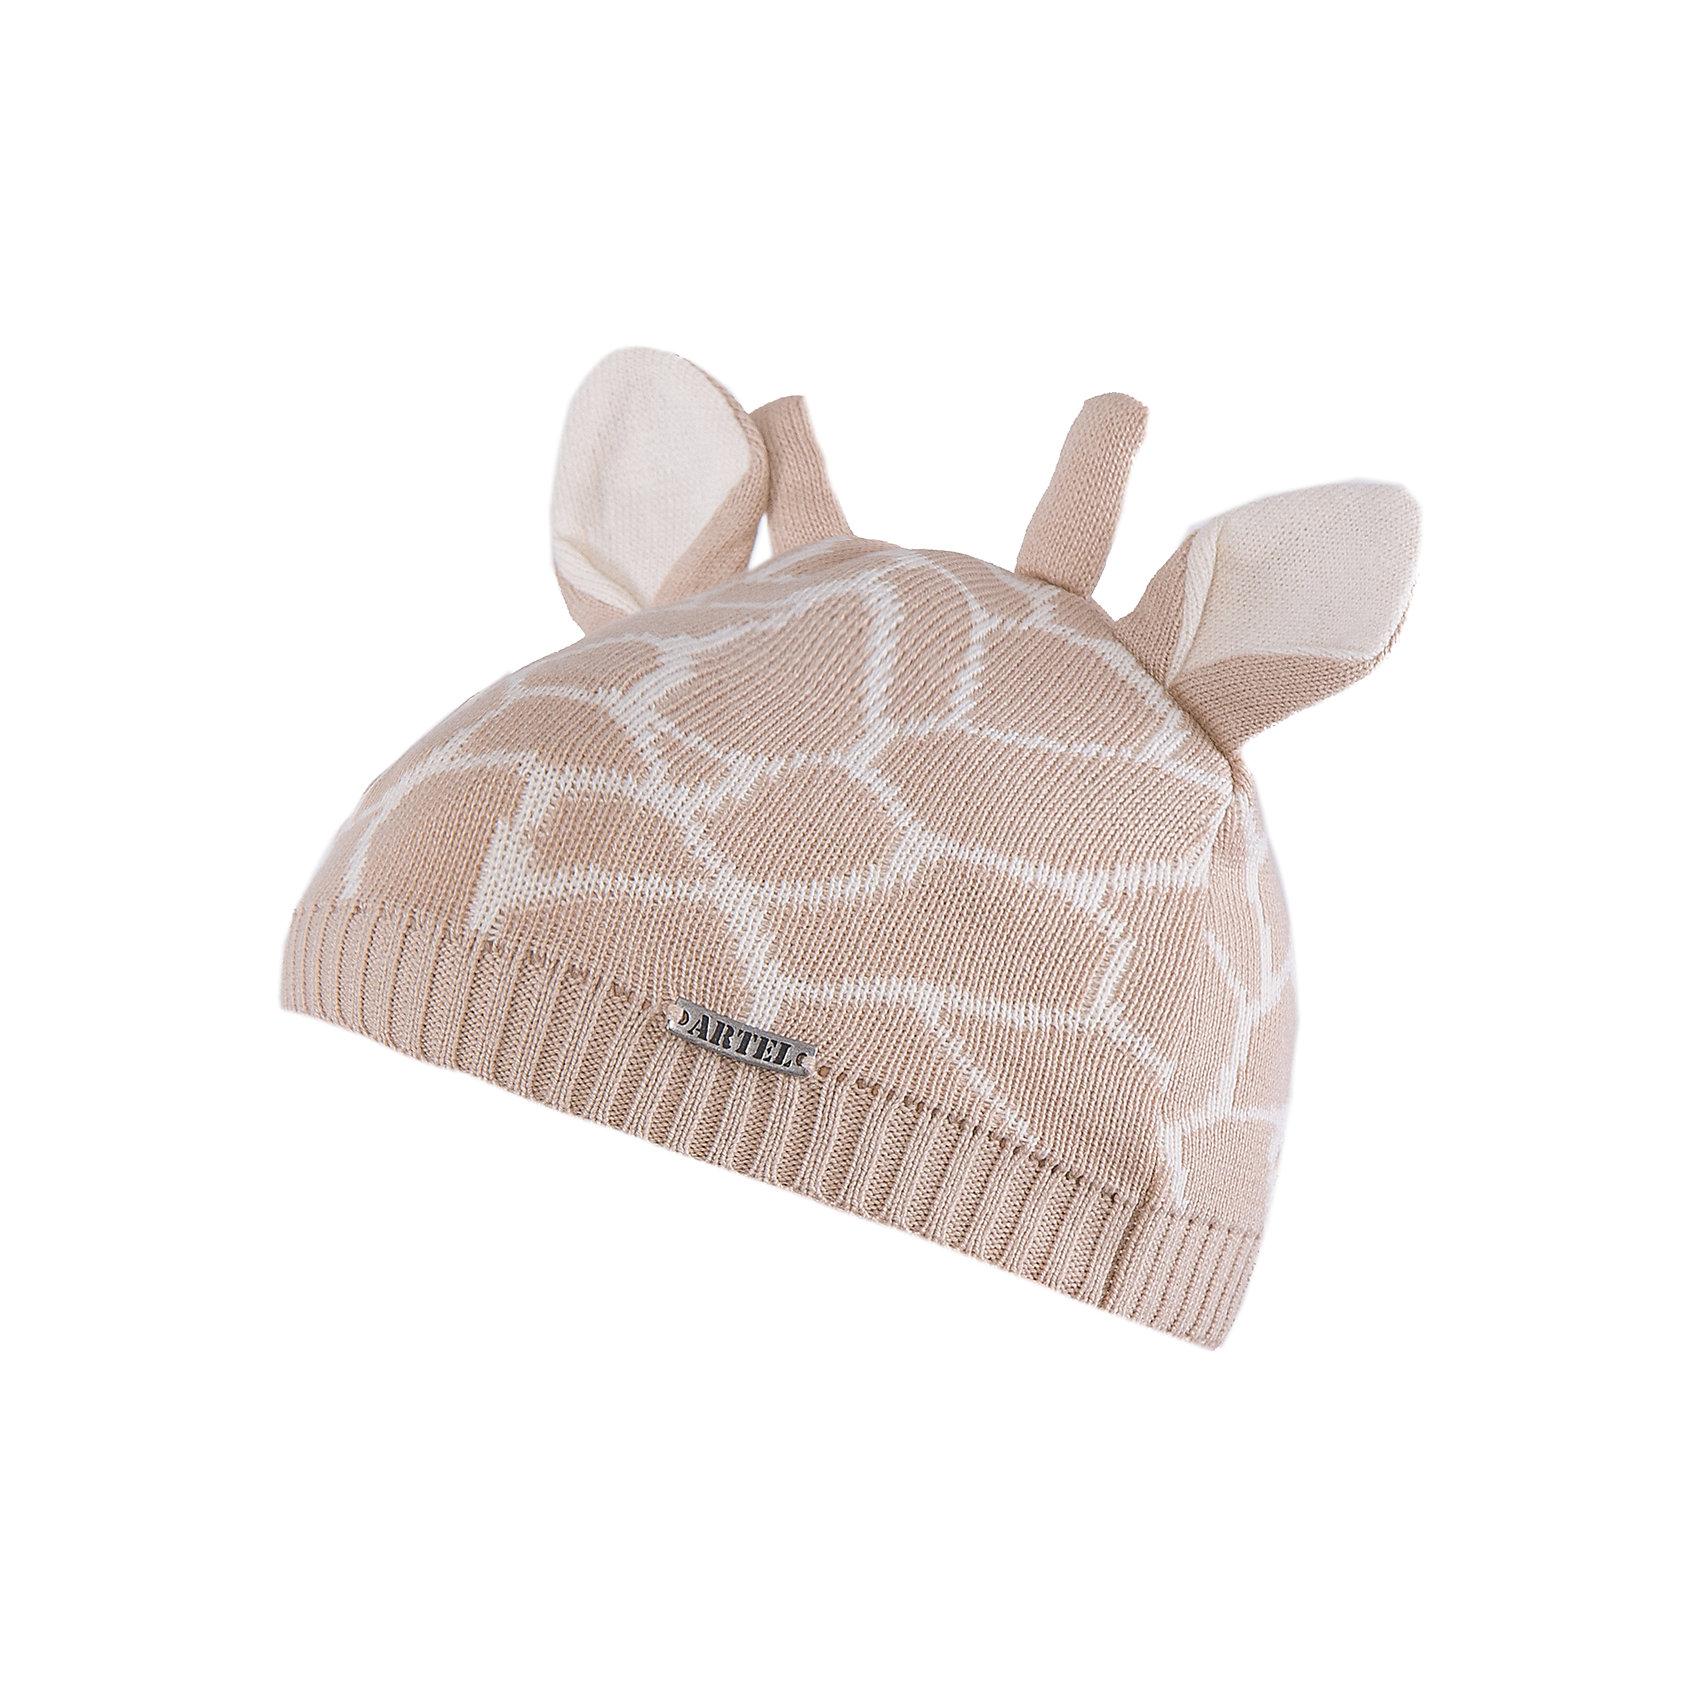 Шапка АртельШапка от торговой марки Артель <br><br>Мягкая теплая шапка отлично смотрится на детях и комфортно сидит. Оригинальный дизайн делает ребенка еще более милым. Изделие выполнено из качественных материалов.<br>Одежда от бренда Артель – это высокое качество по приемлемой цене и всегда продуманный дизайн. <br><br>Особенности модели: <br>- цвет — бежевый; <br>- украшена рожками ушками как у жирафа и соответствующим принтом; <br>- натуральный хлопок с добавкой пана. <br><br>Дополнительная информация: <br><br>Состав: верх - 50% хлопок, 50% пан;<br>Подкладка - 100% хлопок.<br><br>Температурный режим: <br>от -10 °C до +10 °C <br><br>Шапку Артель (Artel) можно купить в нашем магазине.<br><br>Ширина мм: 89<br>Глубина мм: 117<br>Высота мм: 44<br>Вес г: 155<br>Цвет: бежевый<br>Возраст от месяцев: 18<br>Возраст до месяцев: 24<br>Пол: Унисекс<br>Возраст: Детский<br>Размер: 48,44,52,50,46<br>SKU: 4500709